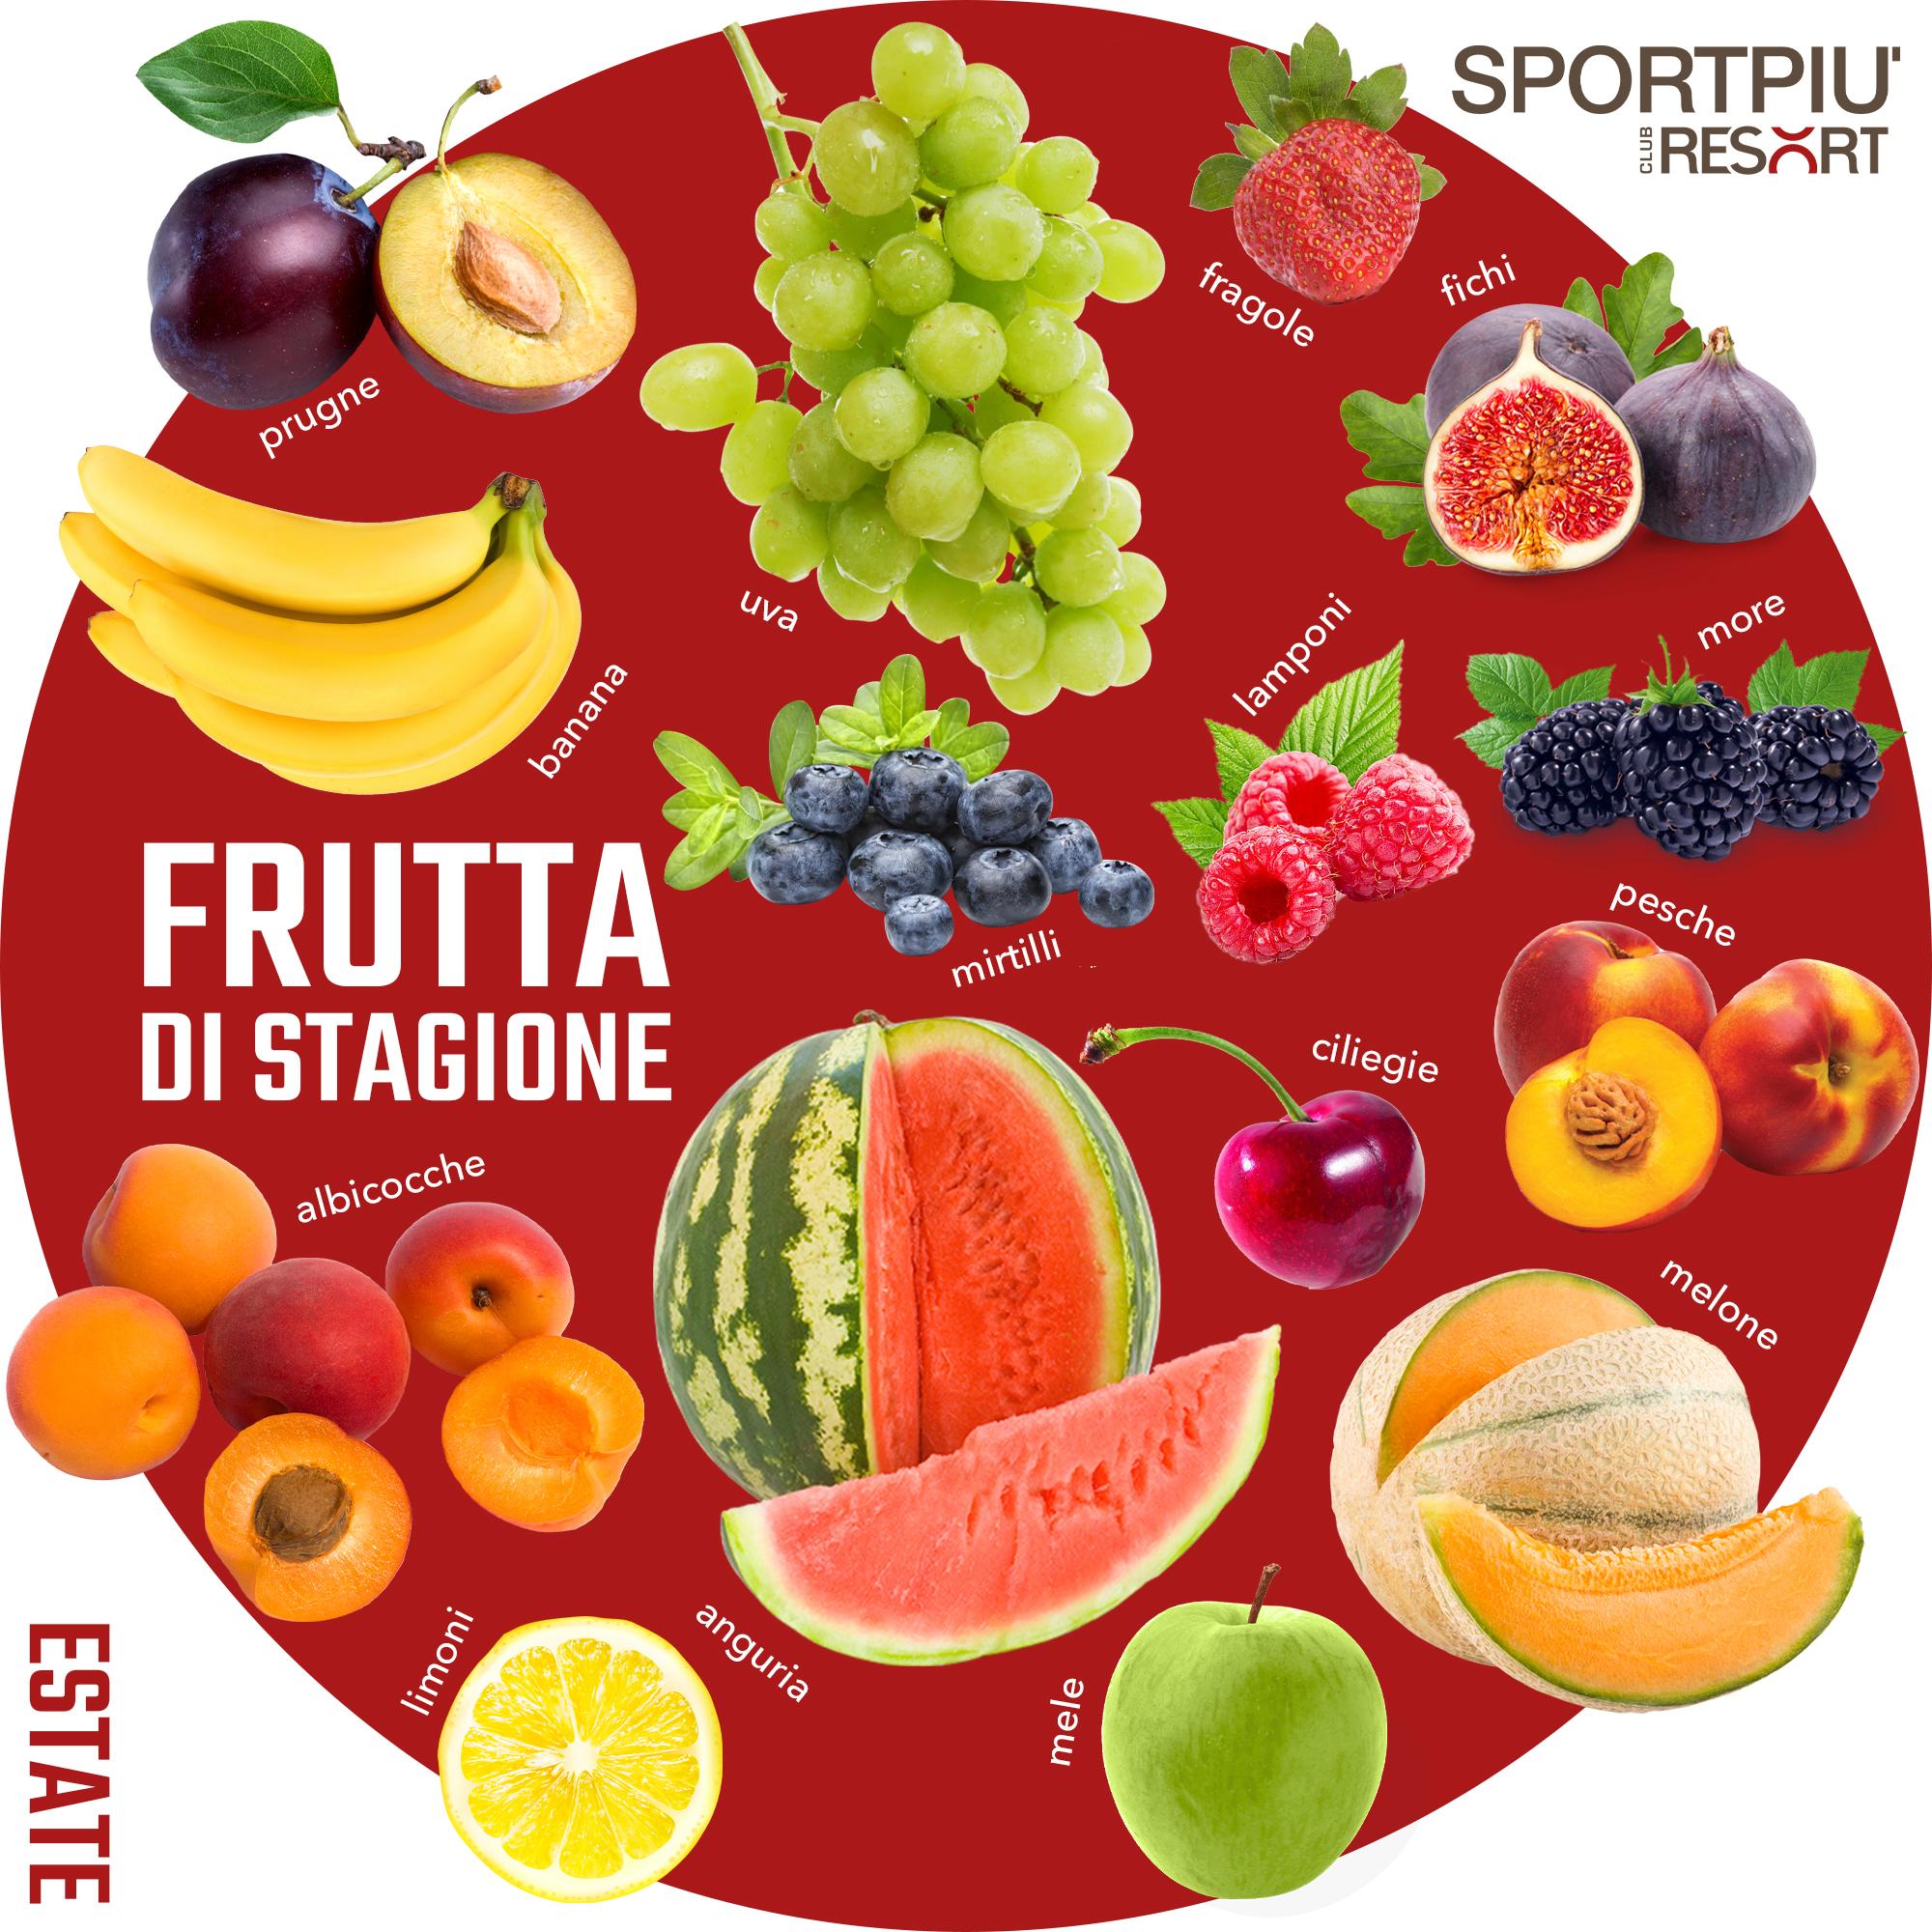 frutta di stagione estate giugno luglio agosto